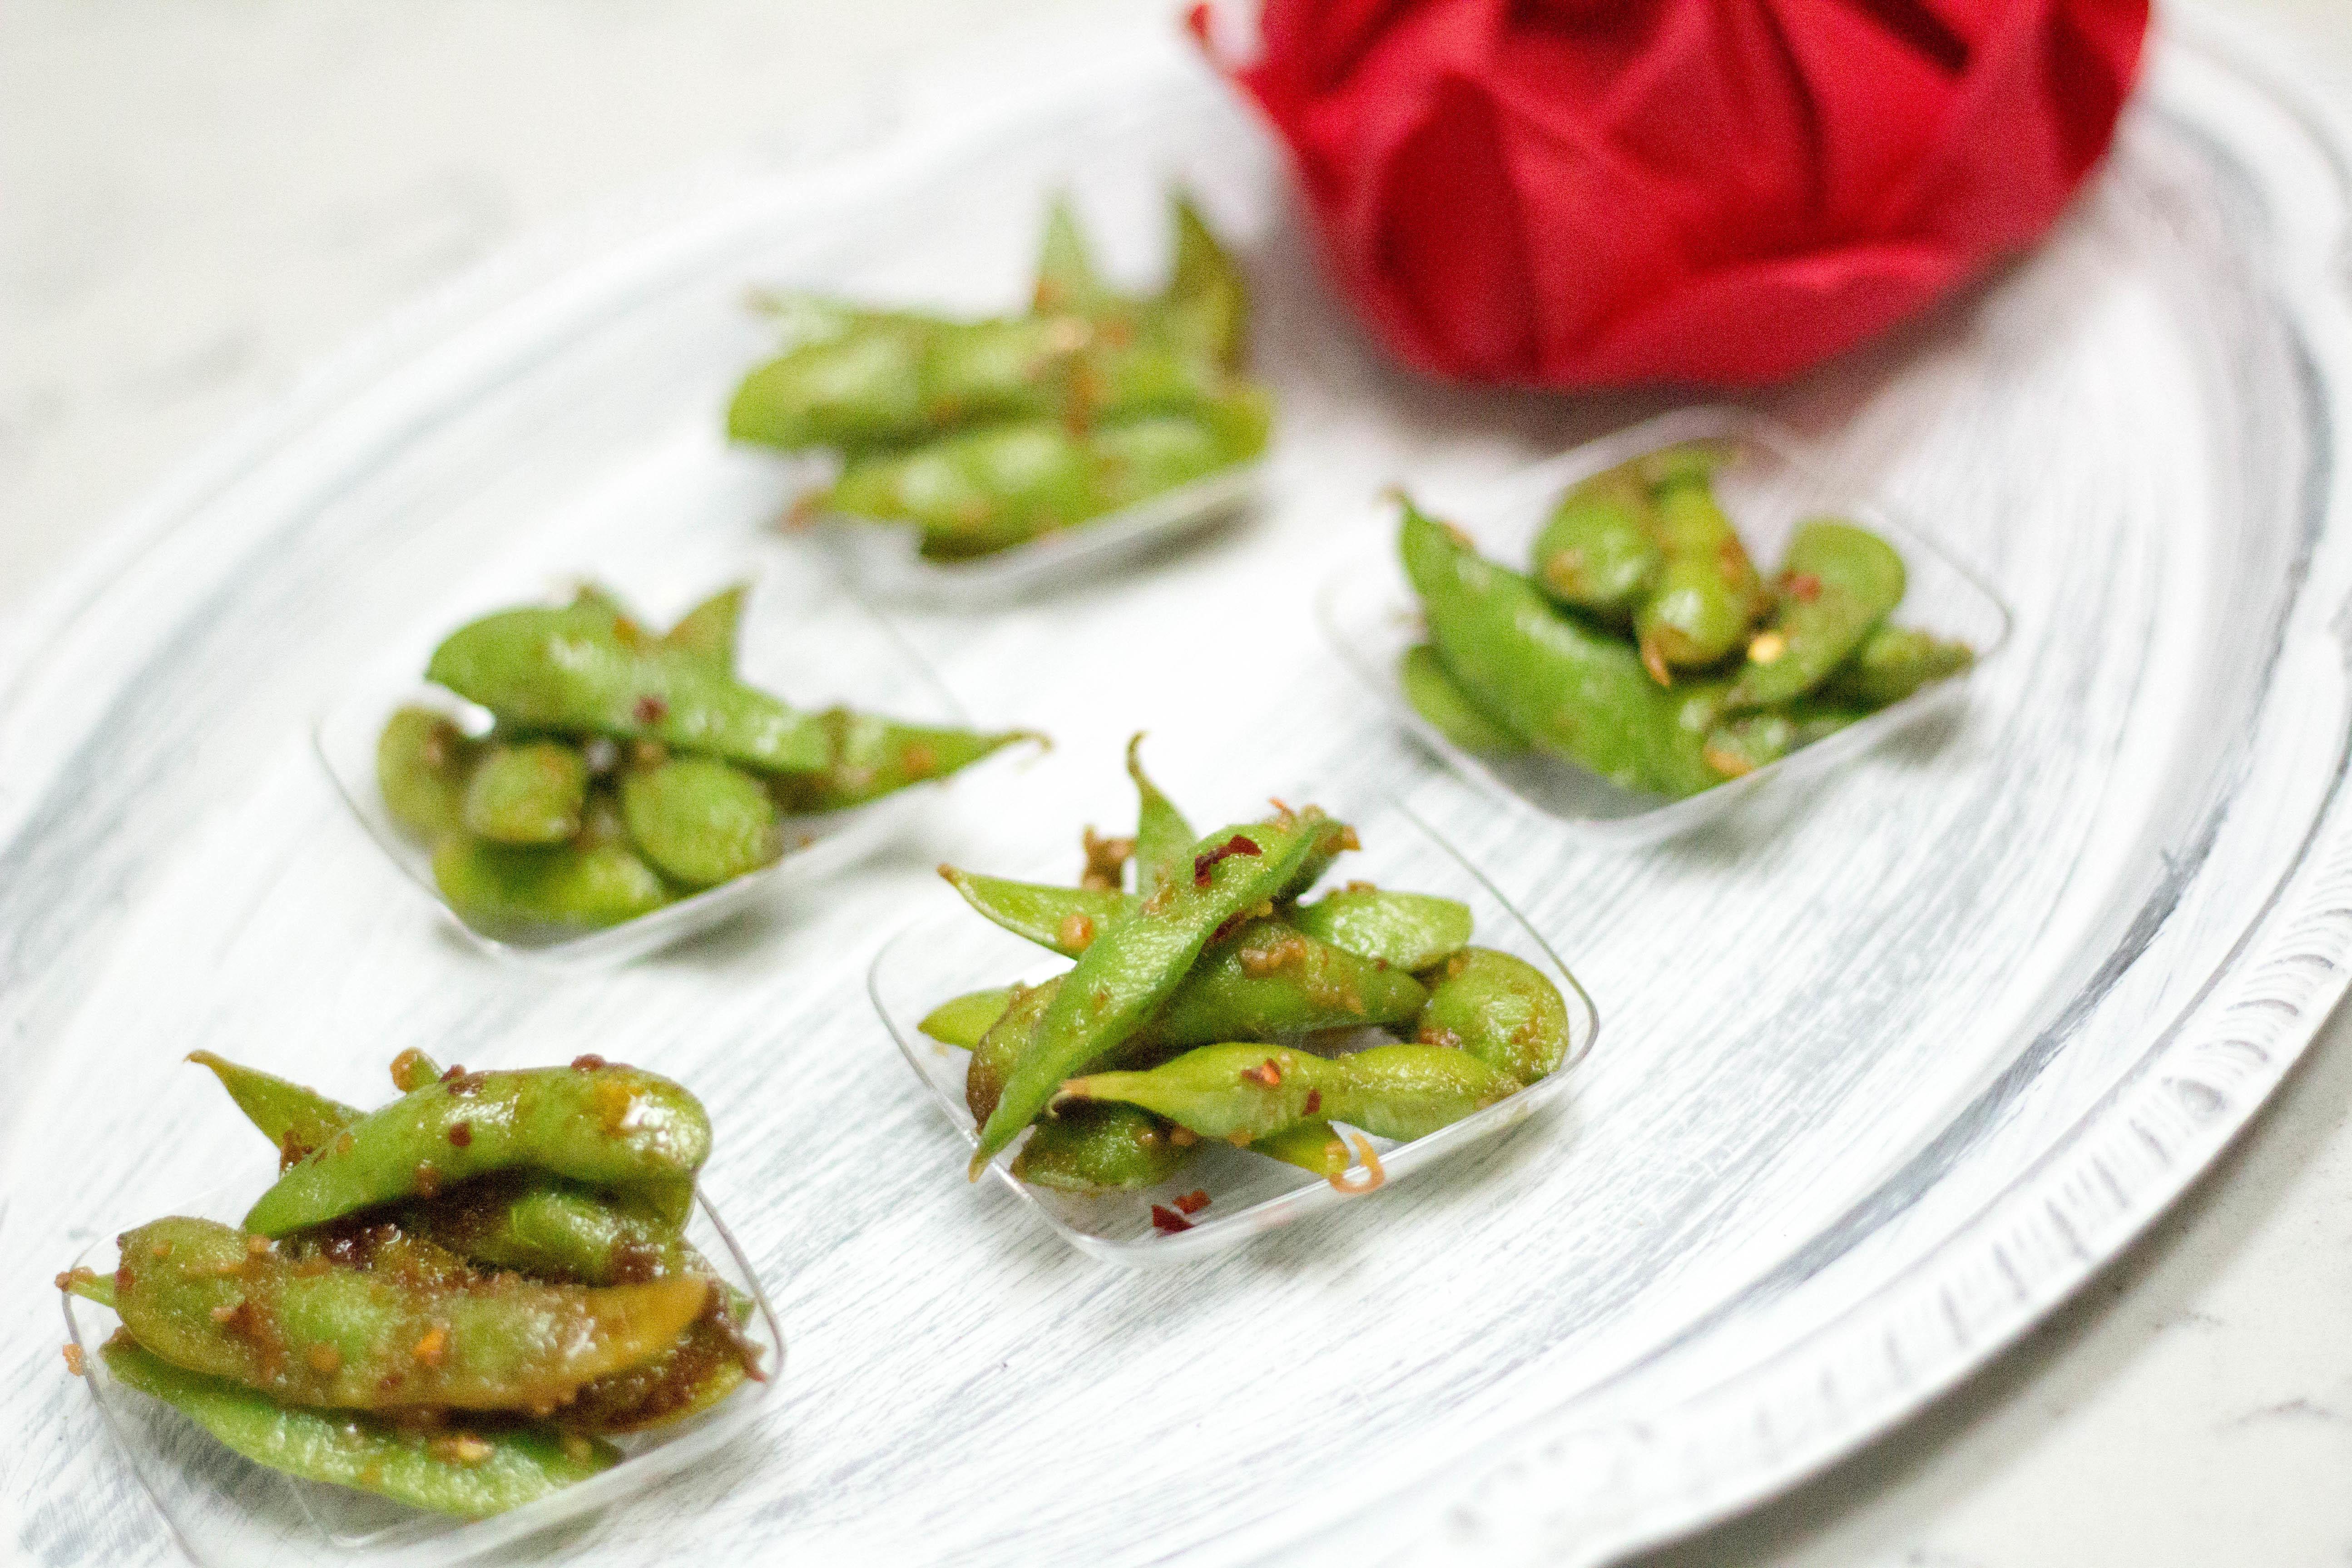 Easy Appetizers Healthy  Spicy Garlic Edamame Recipe Easy for Wedding Reception menu